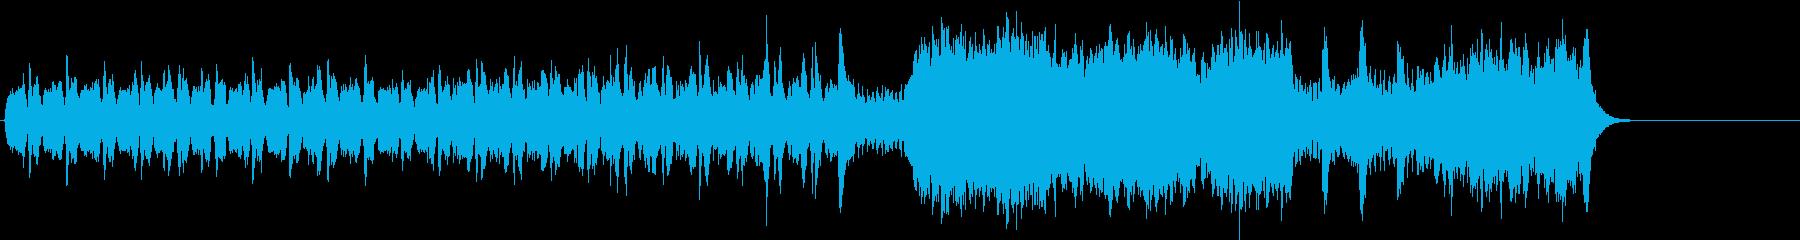 ユーモア溢れるポップ/セミクラ/BGの再生済みの波形